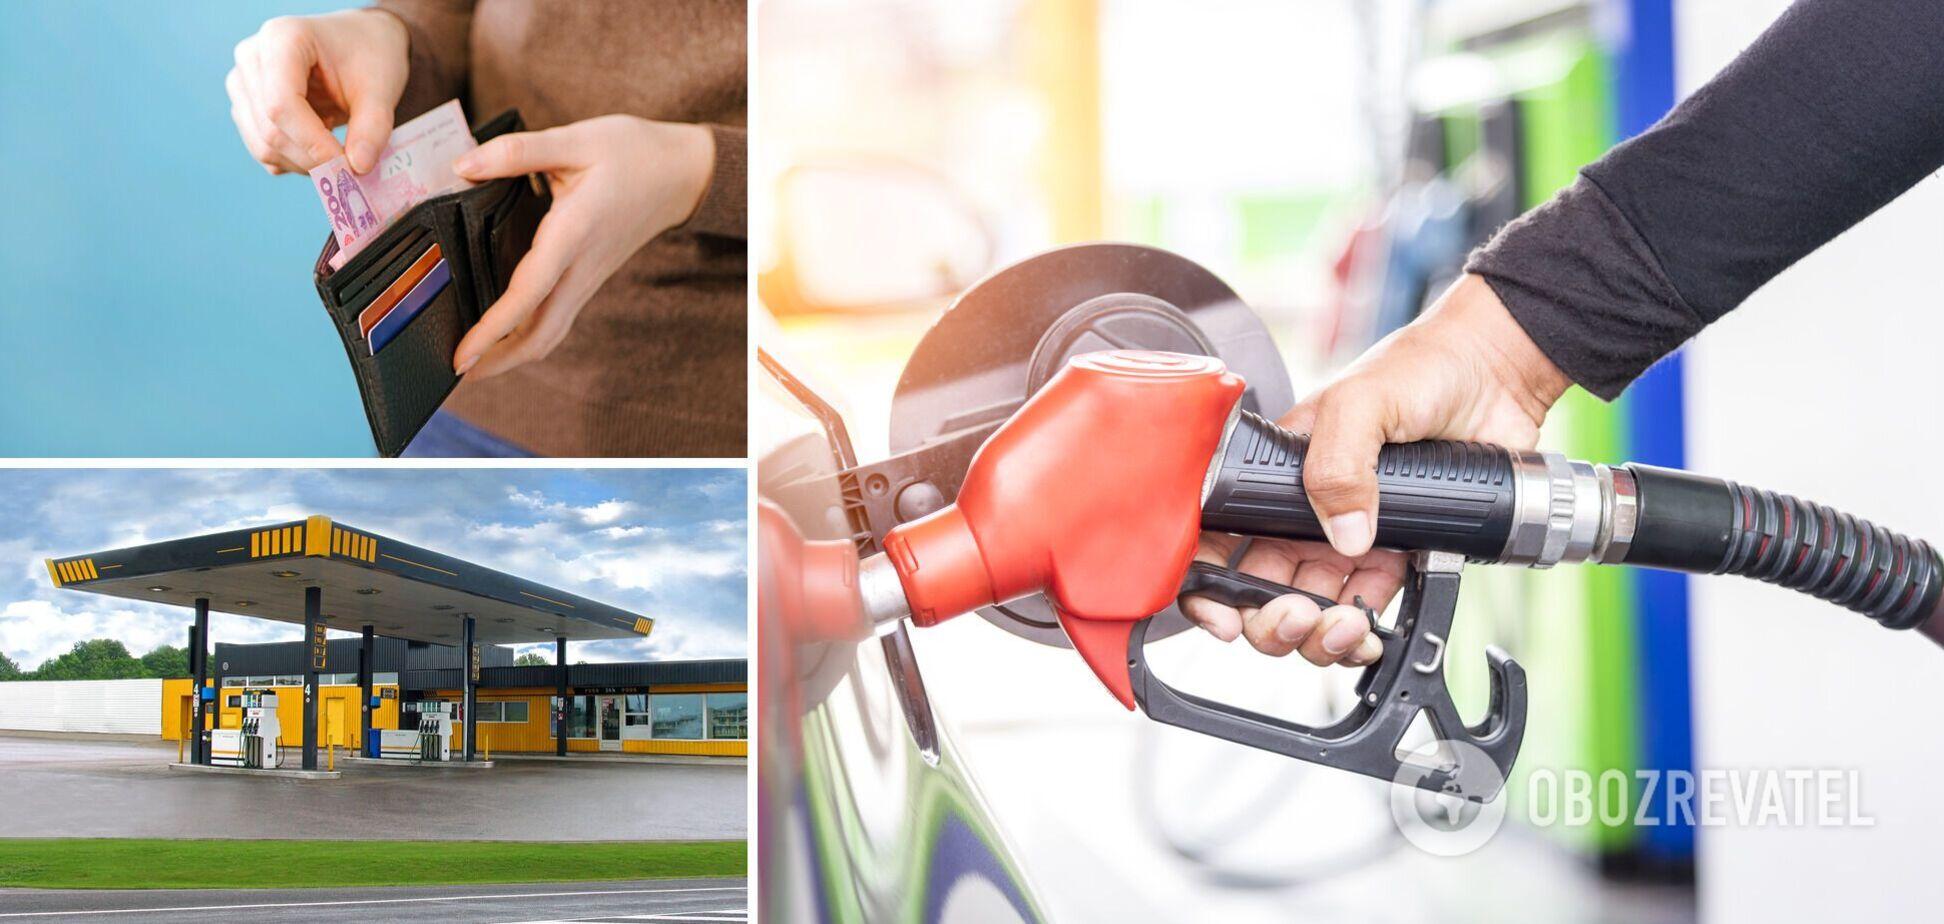 Ціни на бензин в Україні зросли